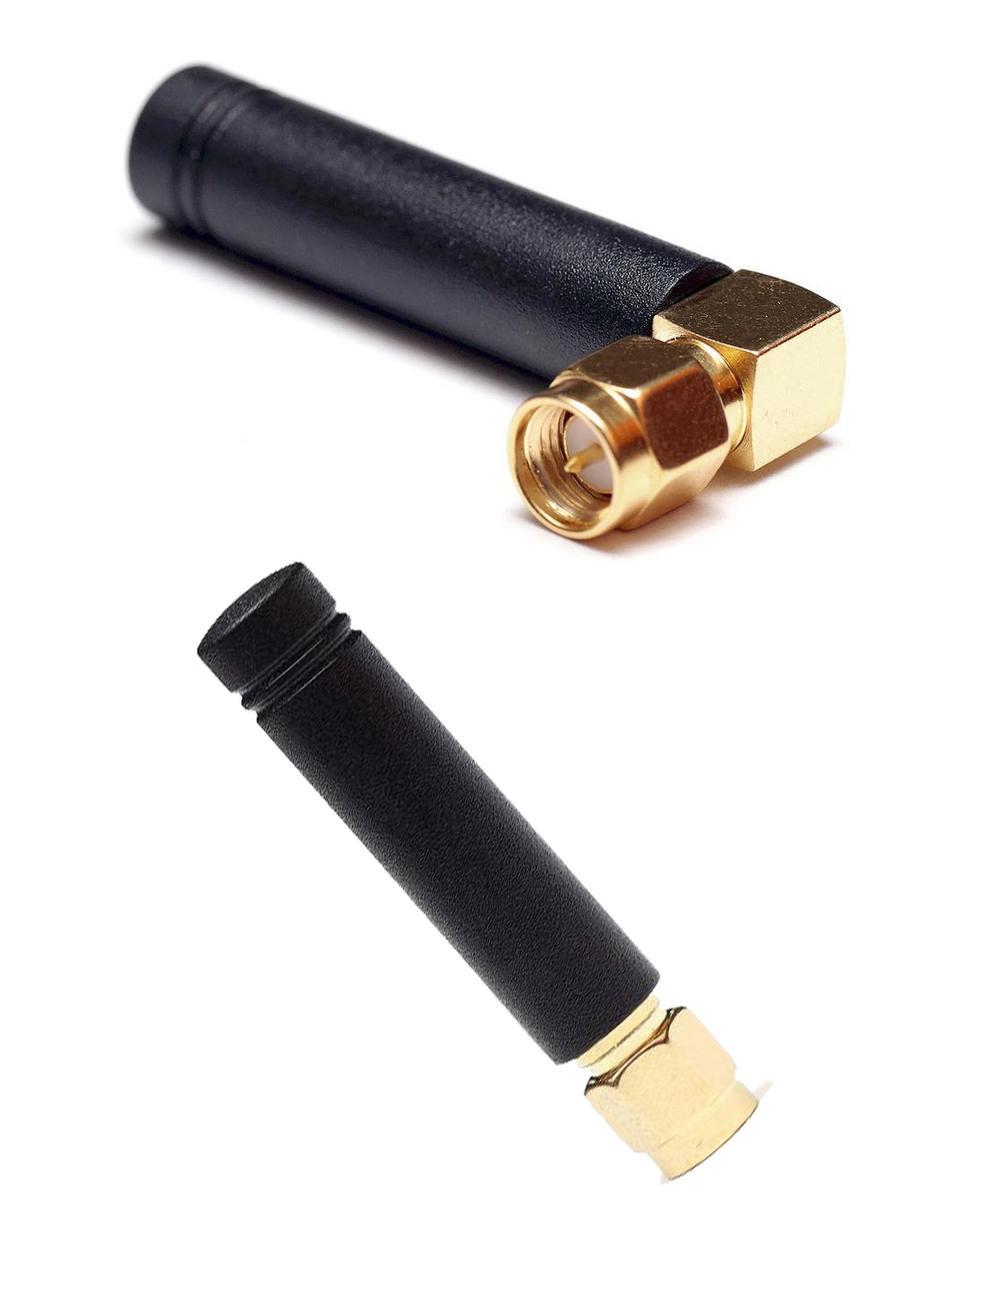 2J NB-IoT antenna állandó és stabil csatlakozáshoz